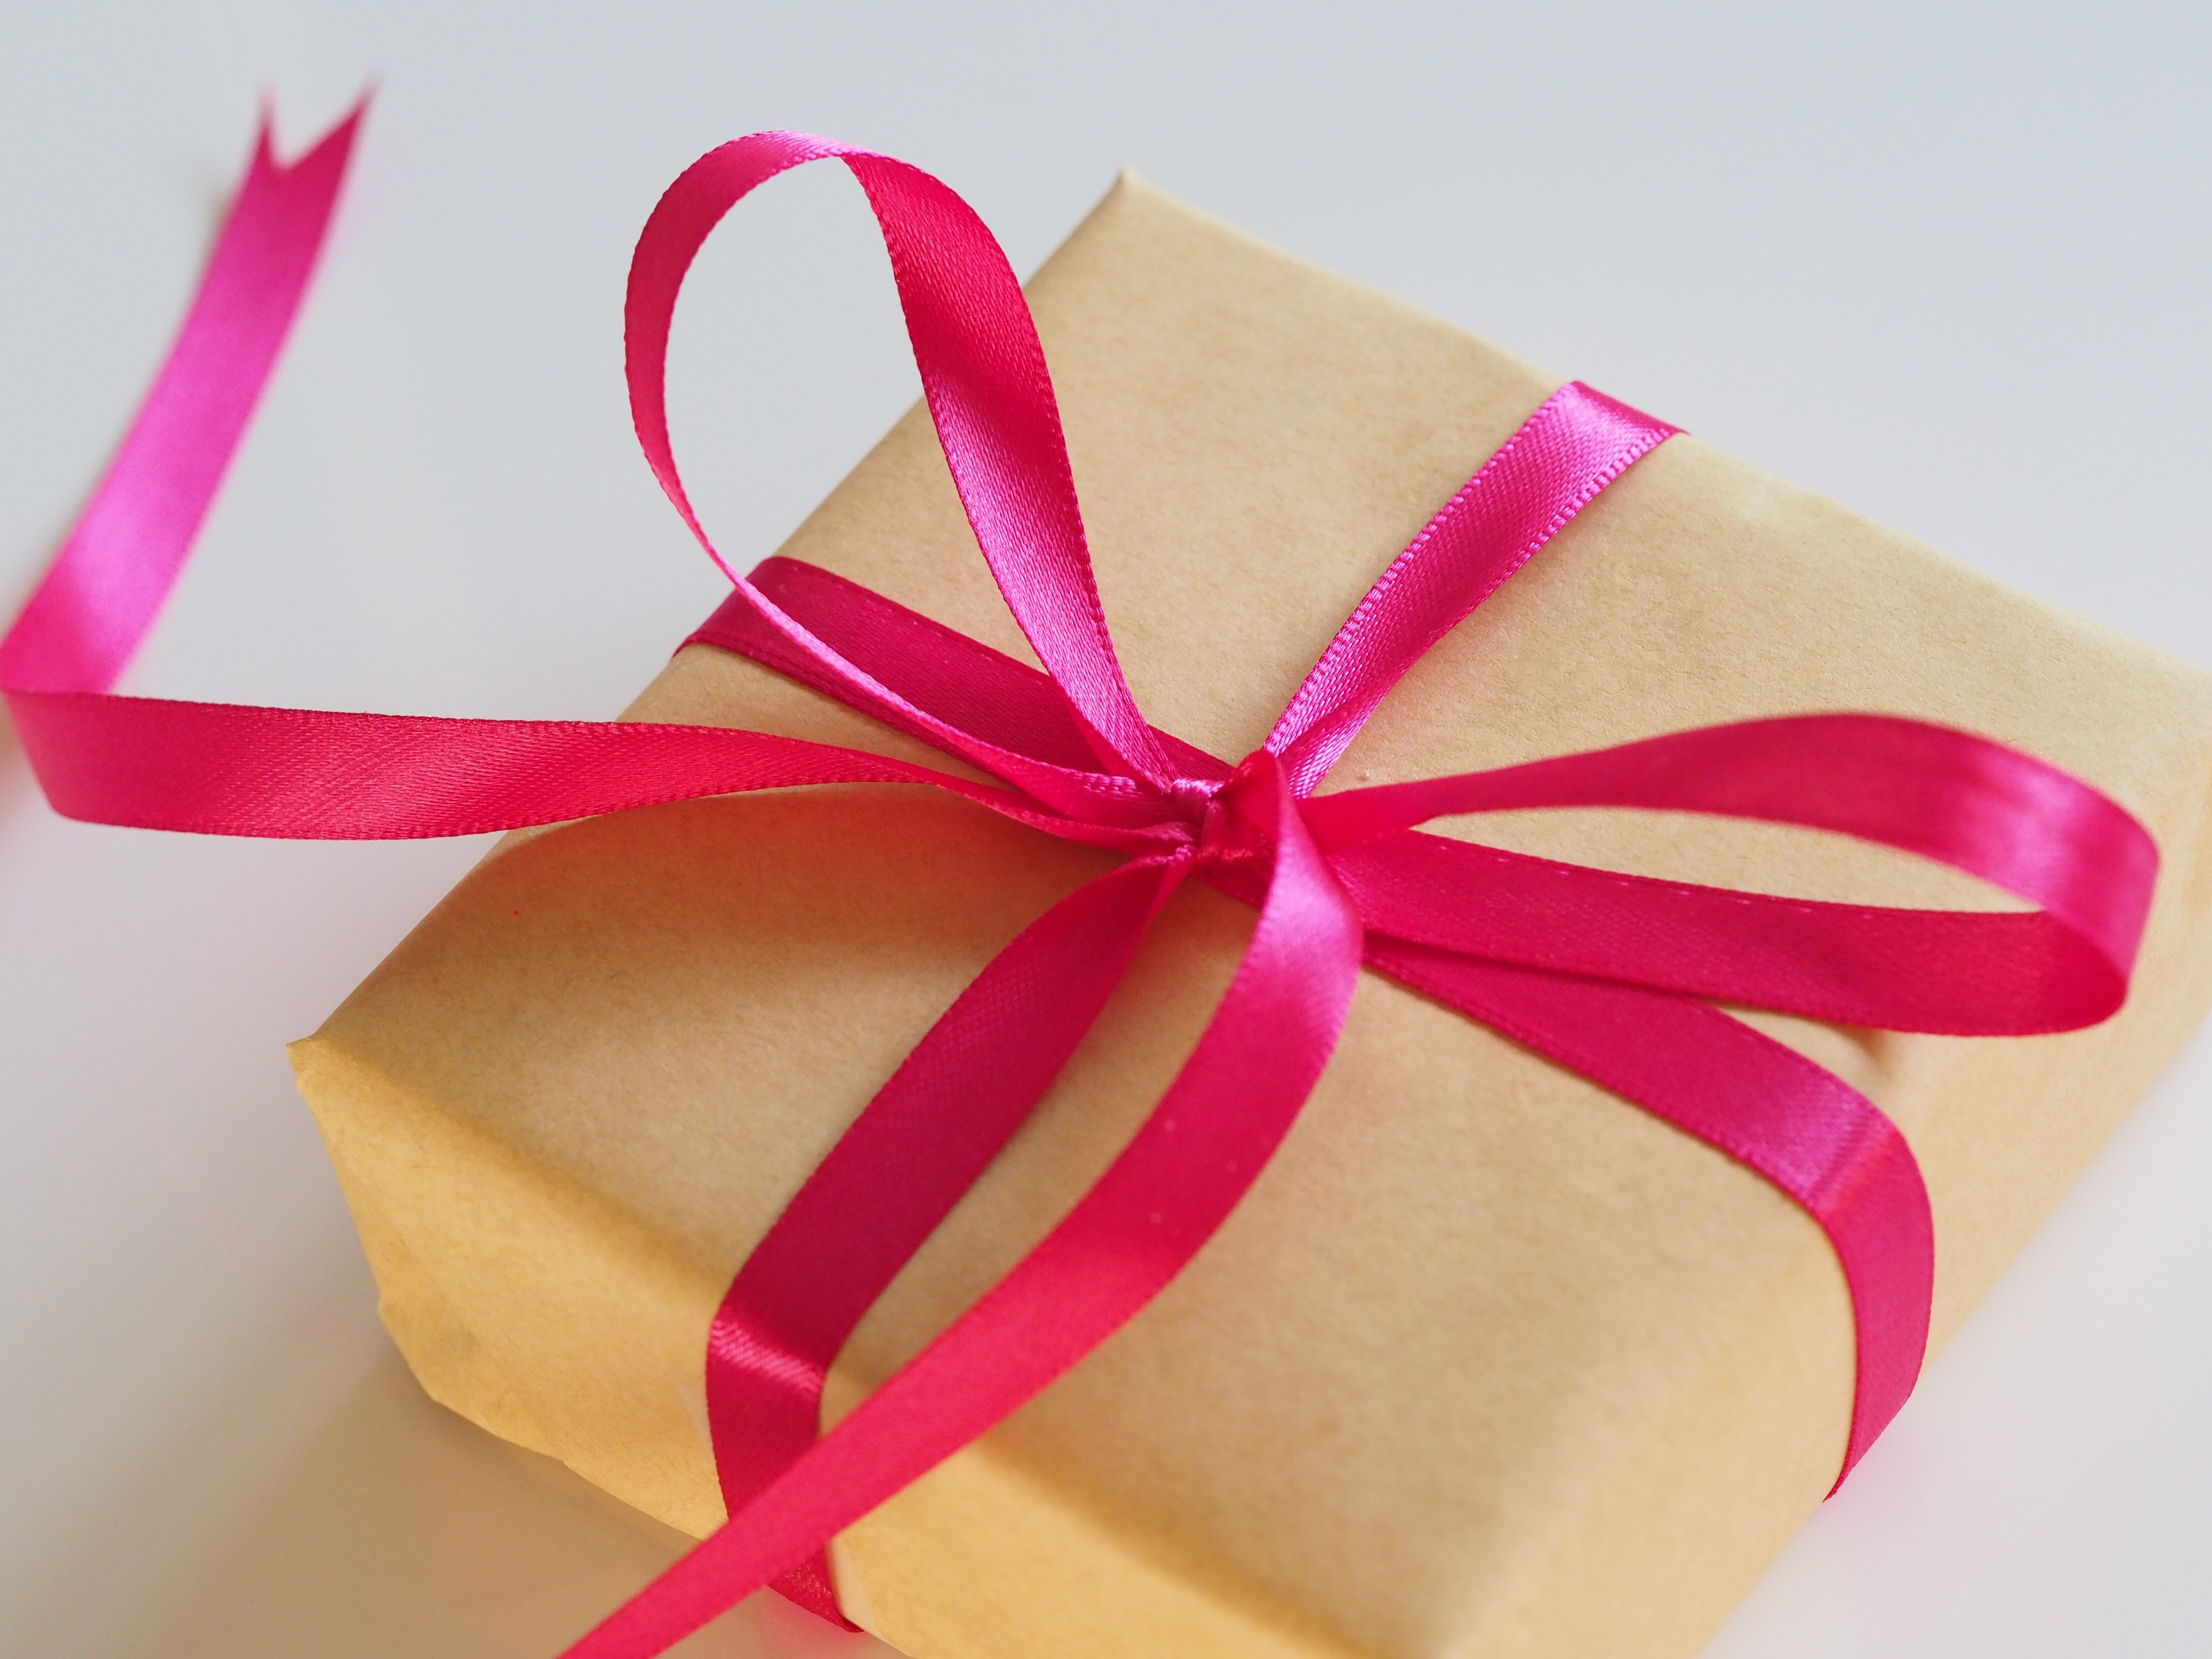 Vad behövs för att skicka paket?